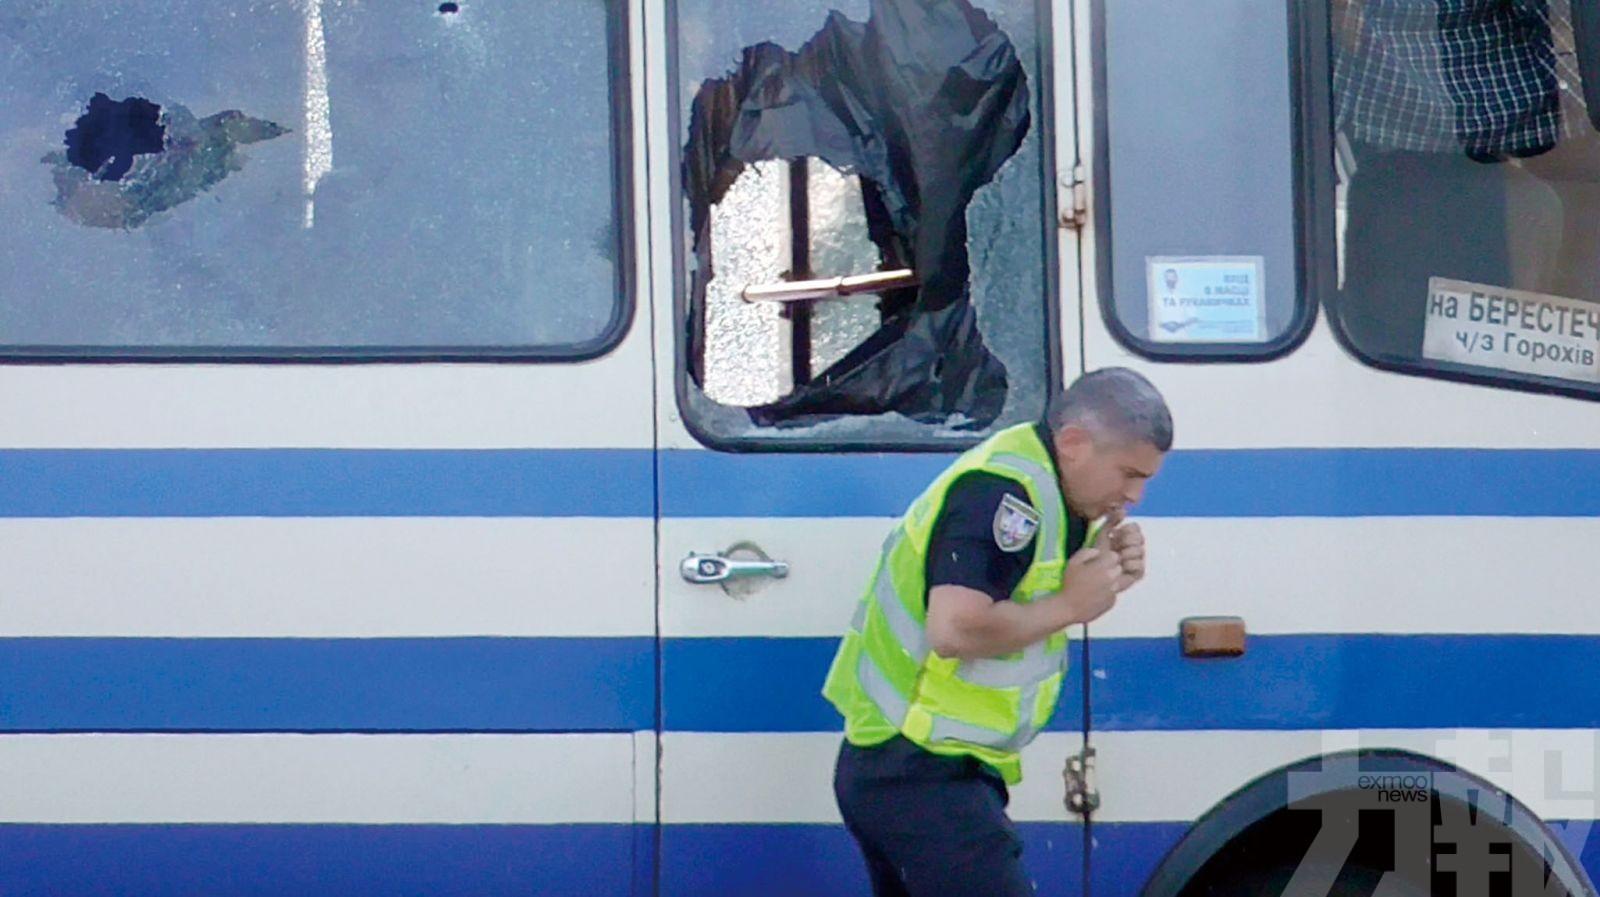 烏克蘭巴士劫持案神奇落幕